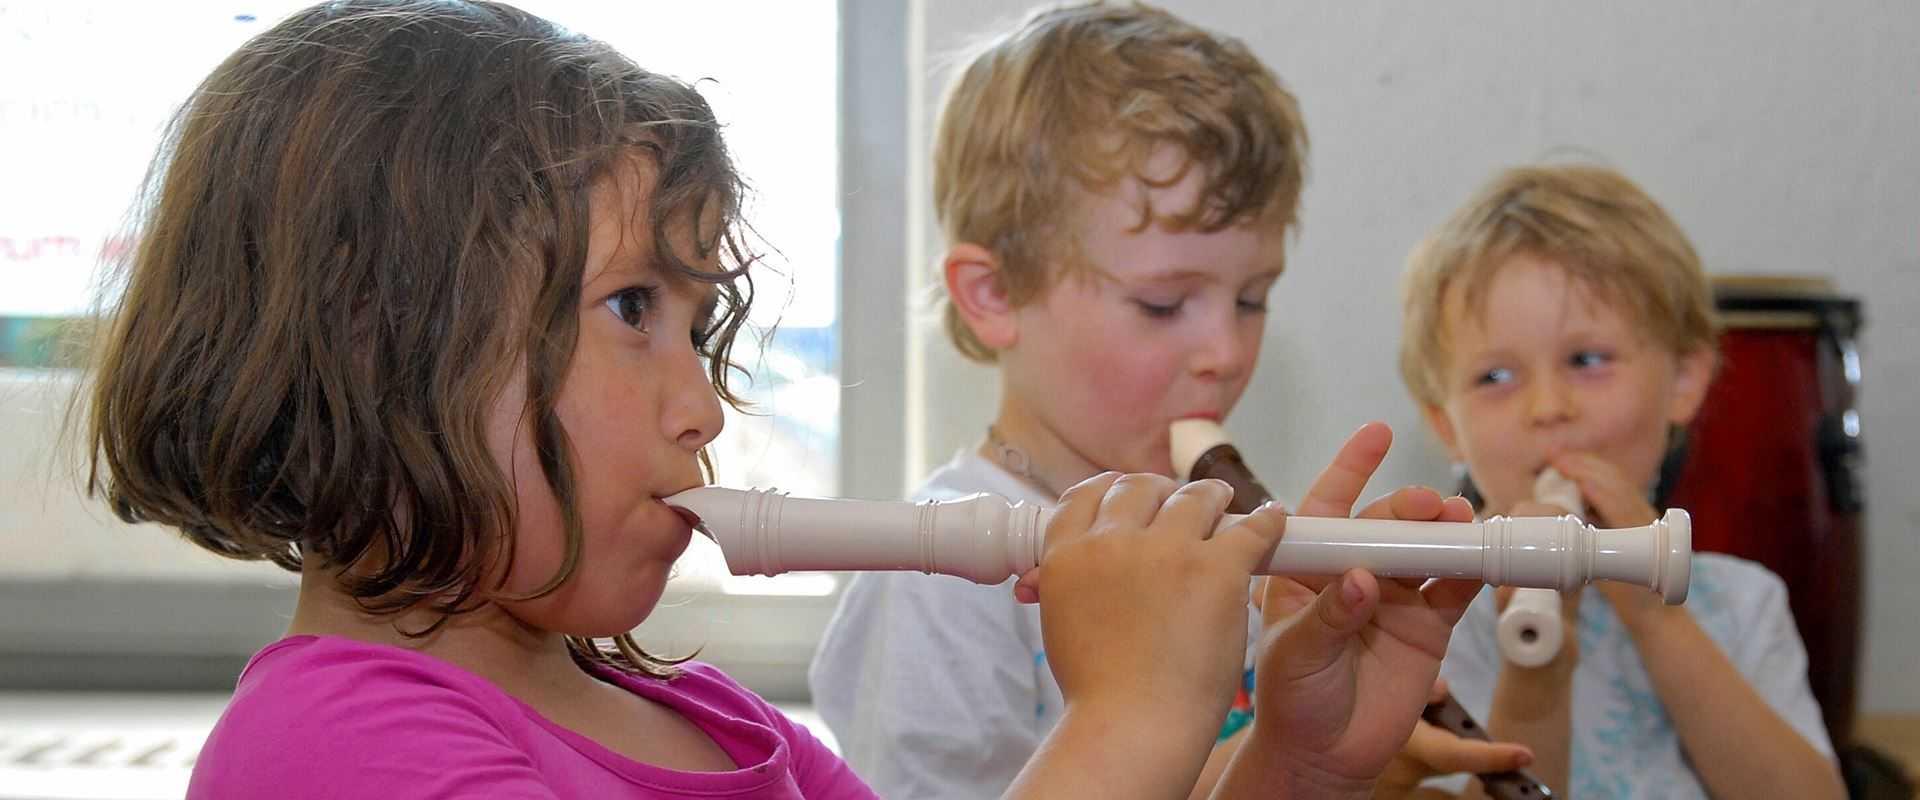 Flötenunterricht in der Musikschule Bertheau & Morgenstern